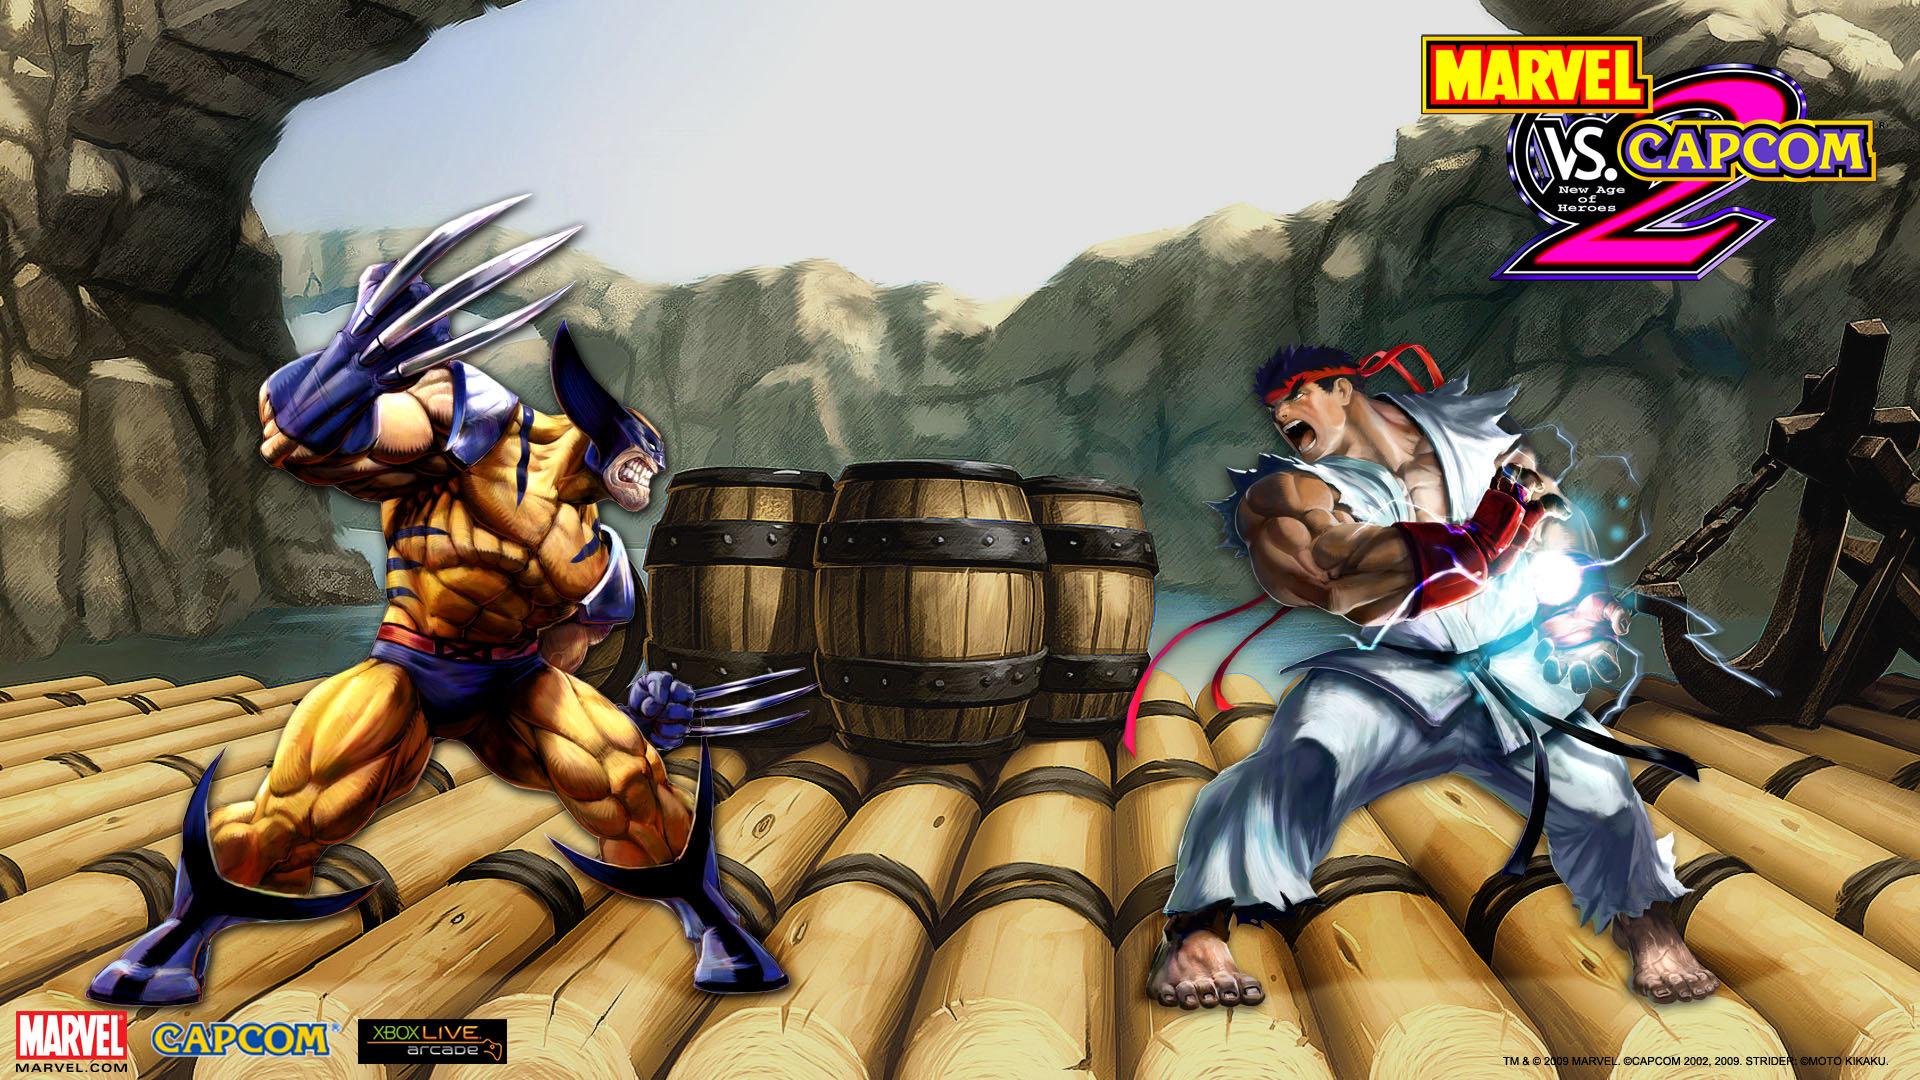 Marvel Vs Capcom 2 Wallpapers 1920x1080 Full Hd 1080p Desktop